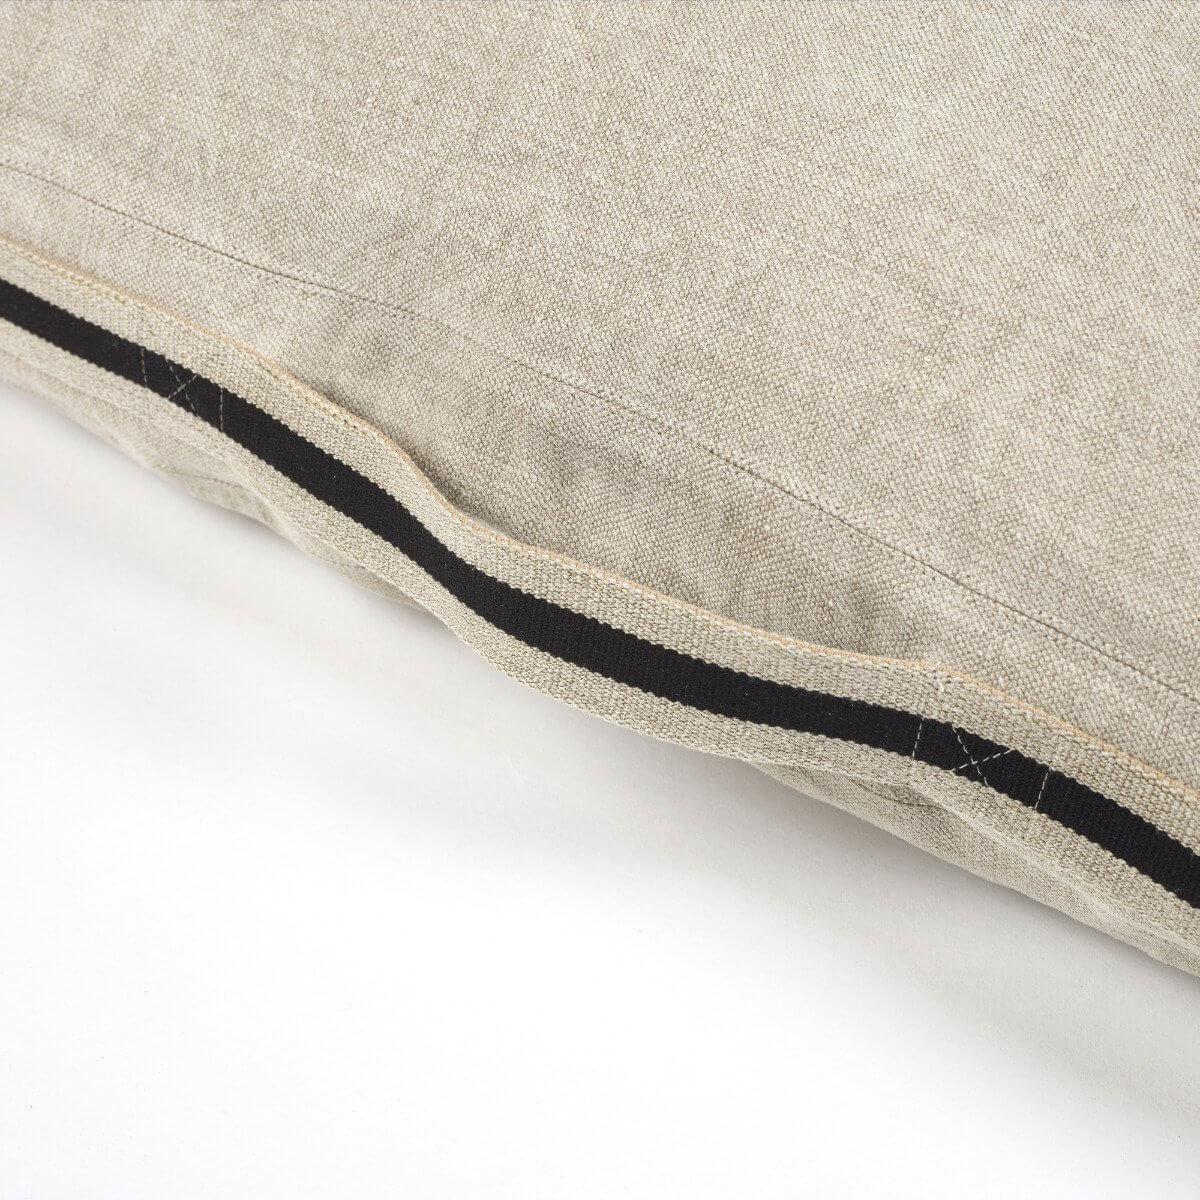 James Floor Cushion - Flax-2